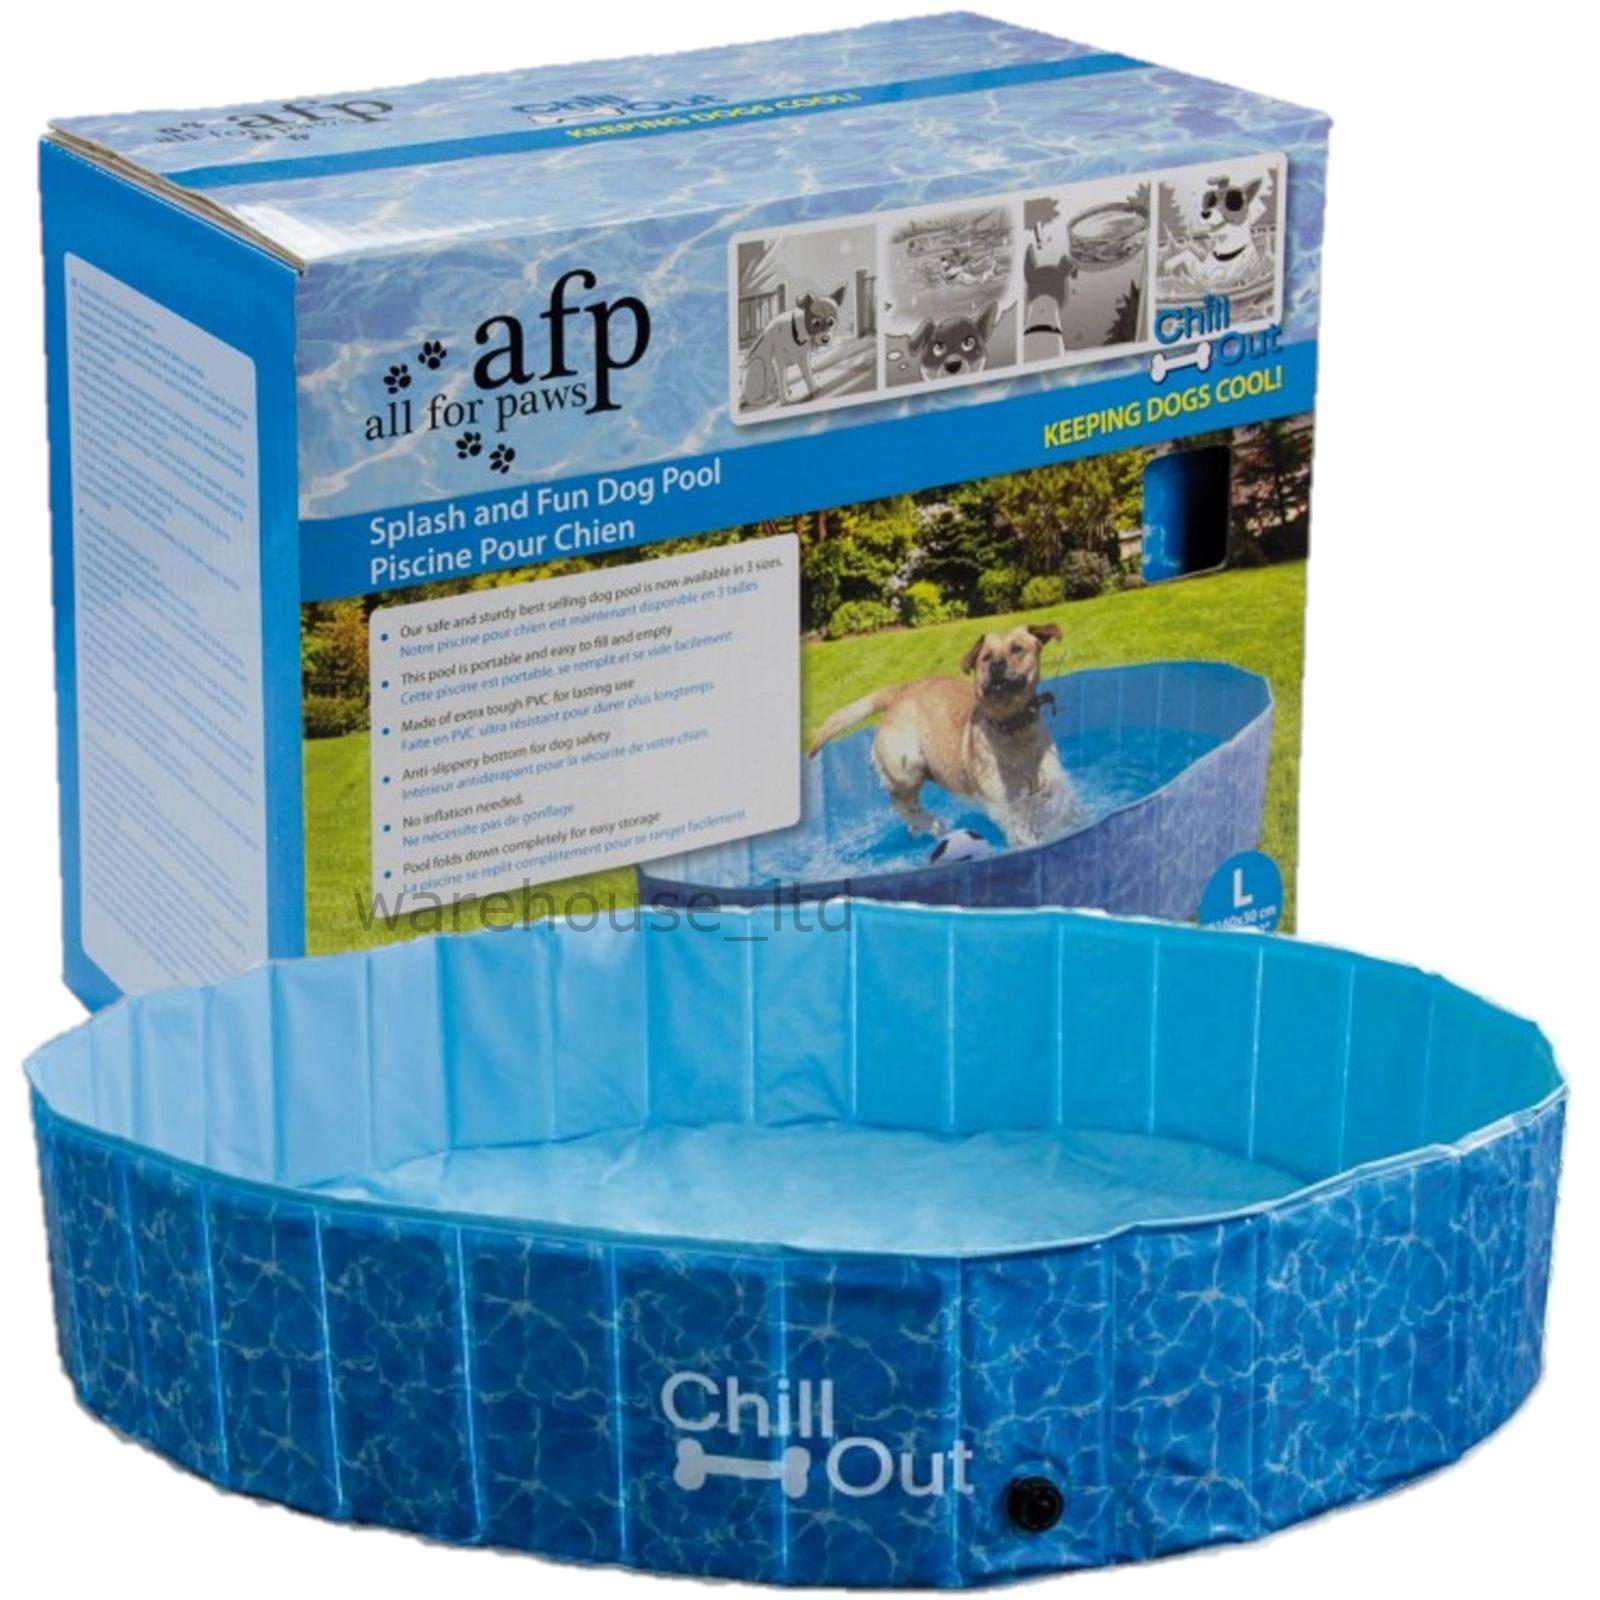 Tutto per zampe AFP rilassati Splash e divertente Cane Cucciolo Piscina Medio Grande